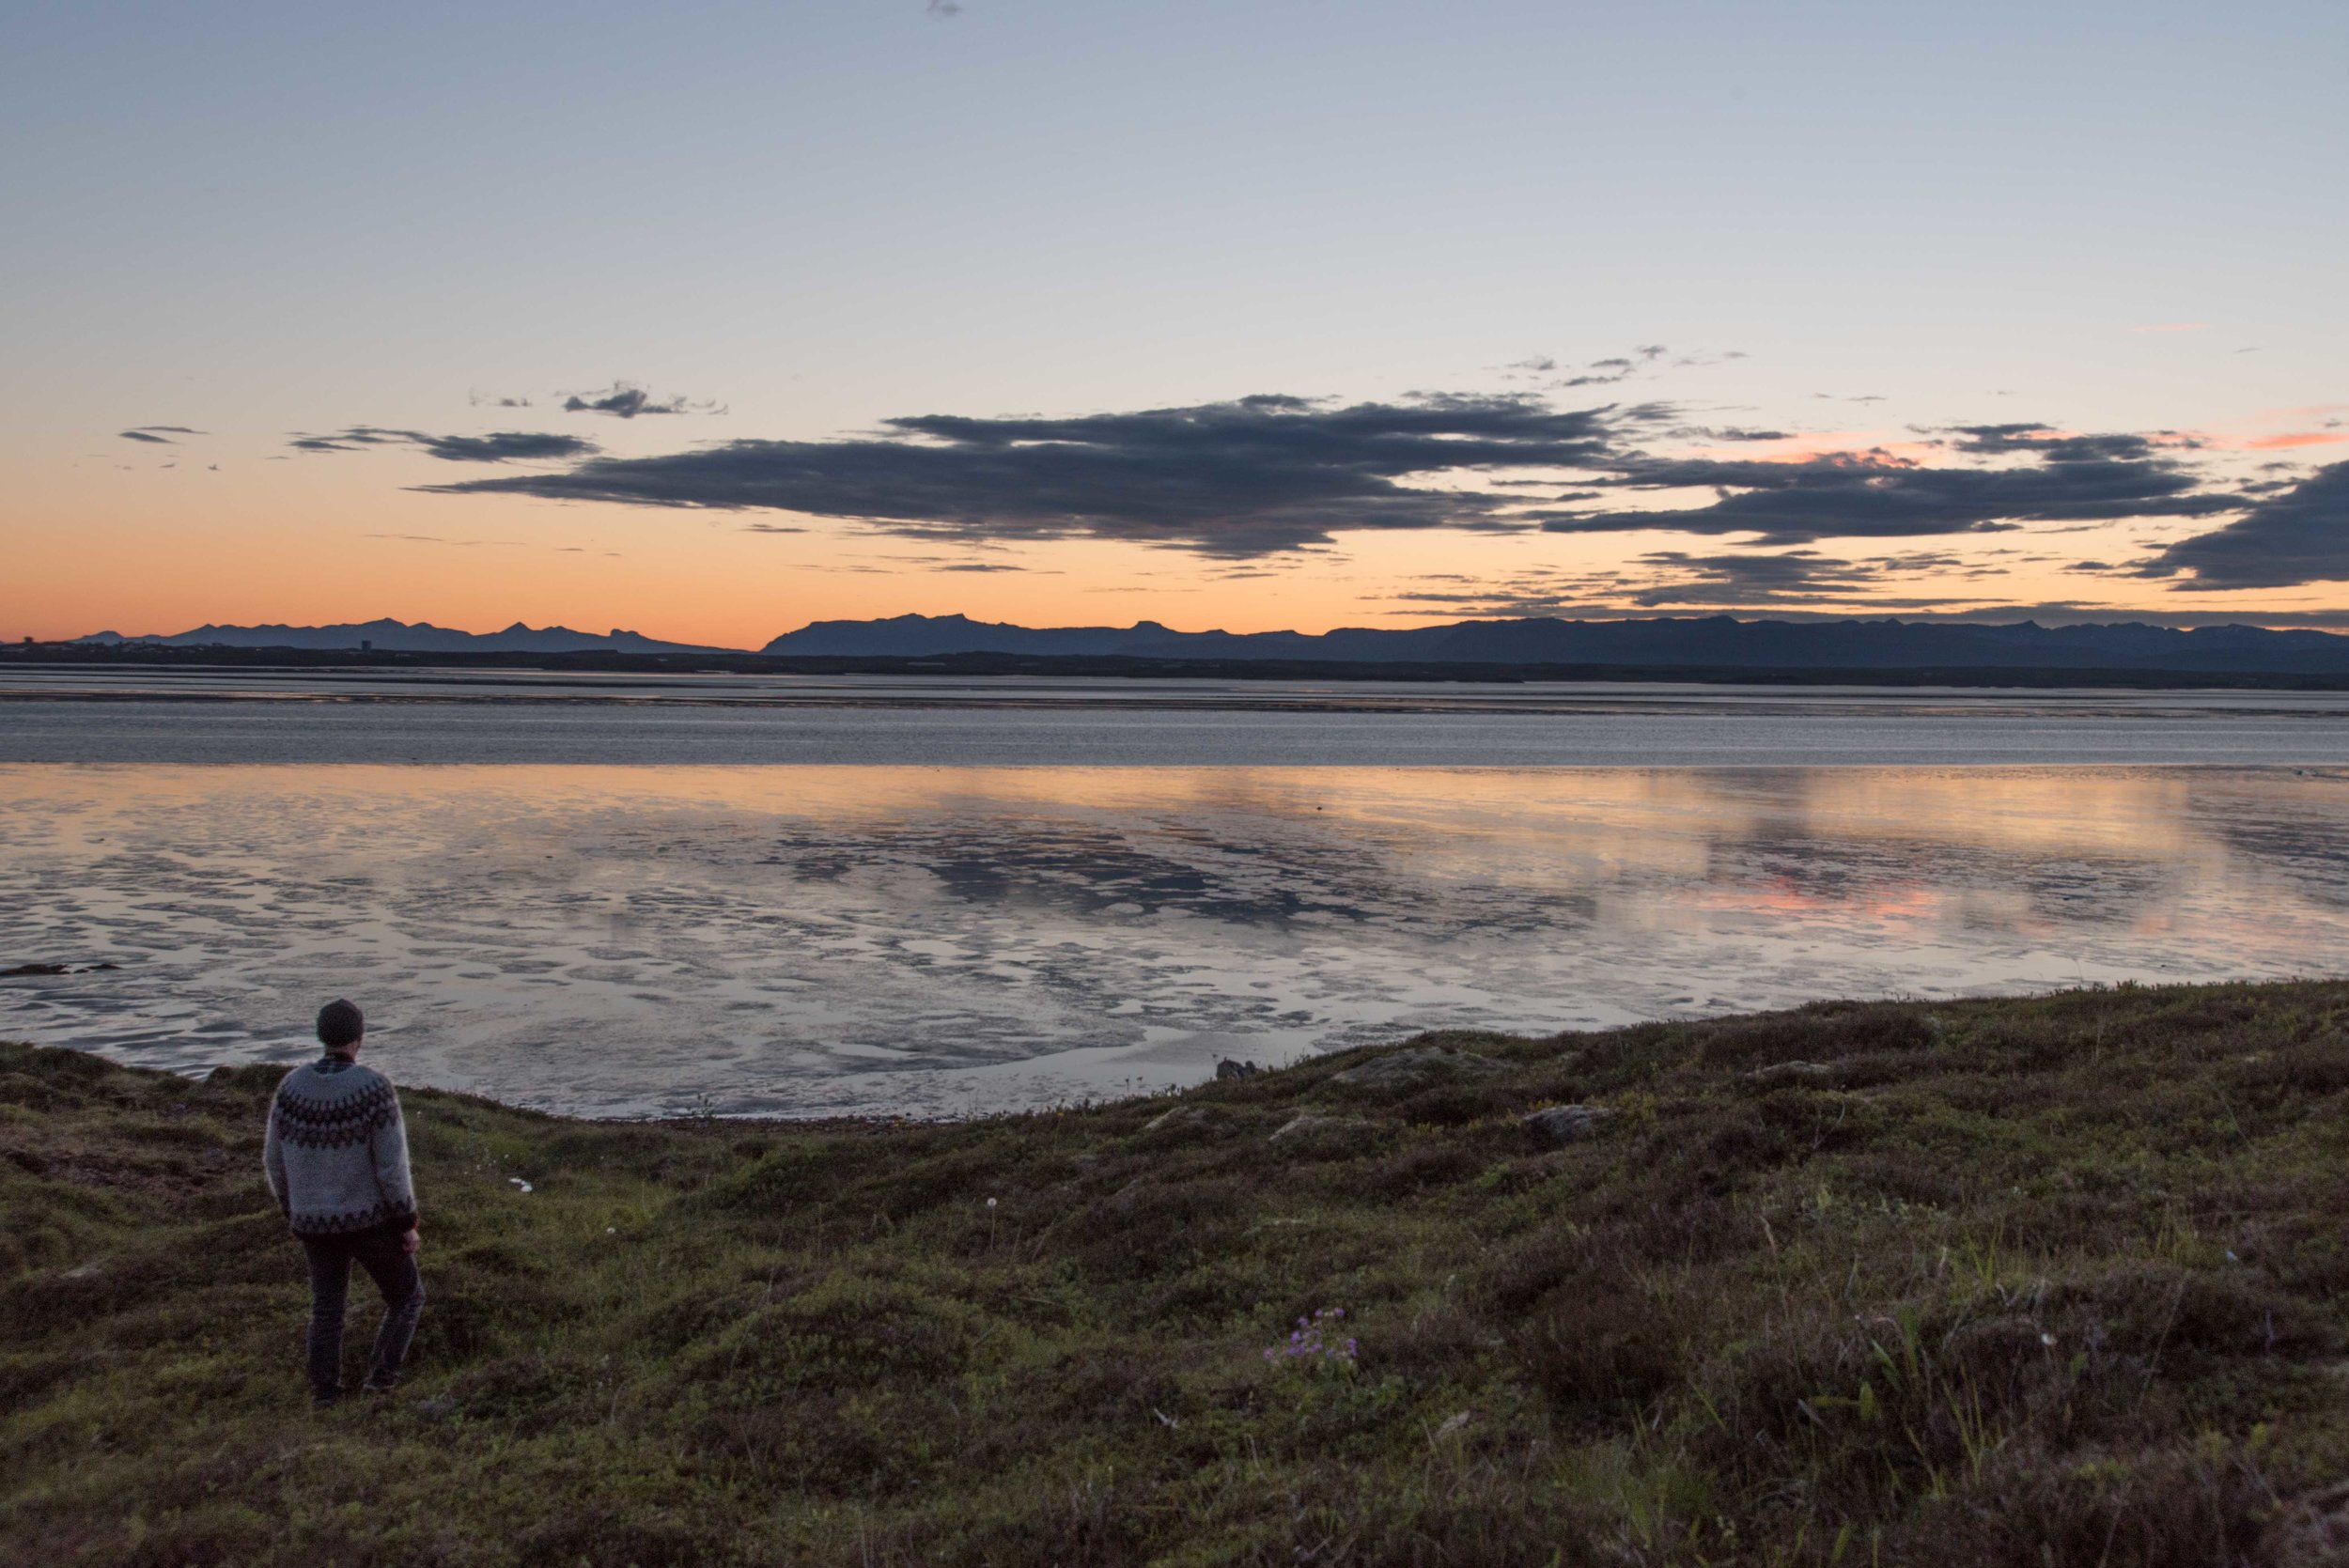 Joe Shutter Iceland Blogger Photographer_-27.jpg